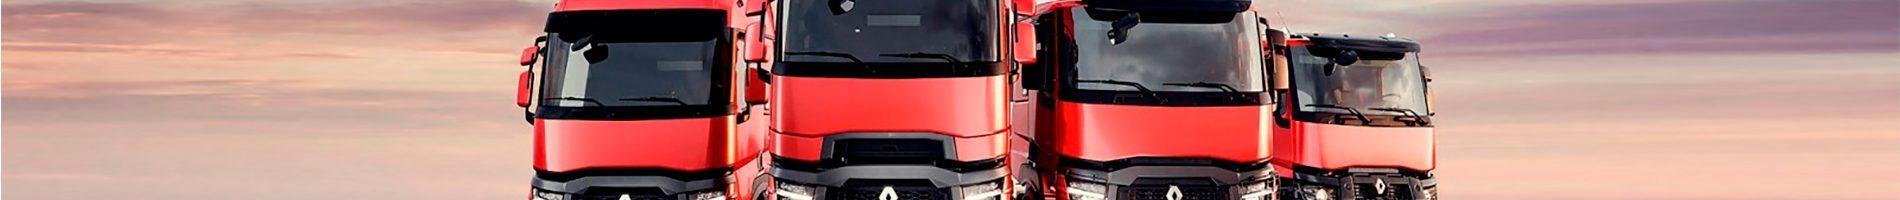 Renault представил обновленный модельный ряд грузовиков